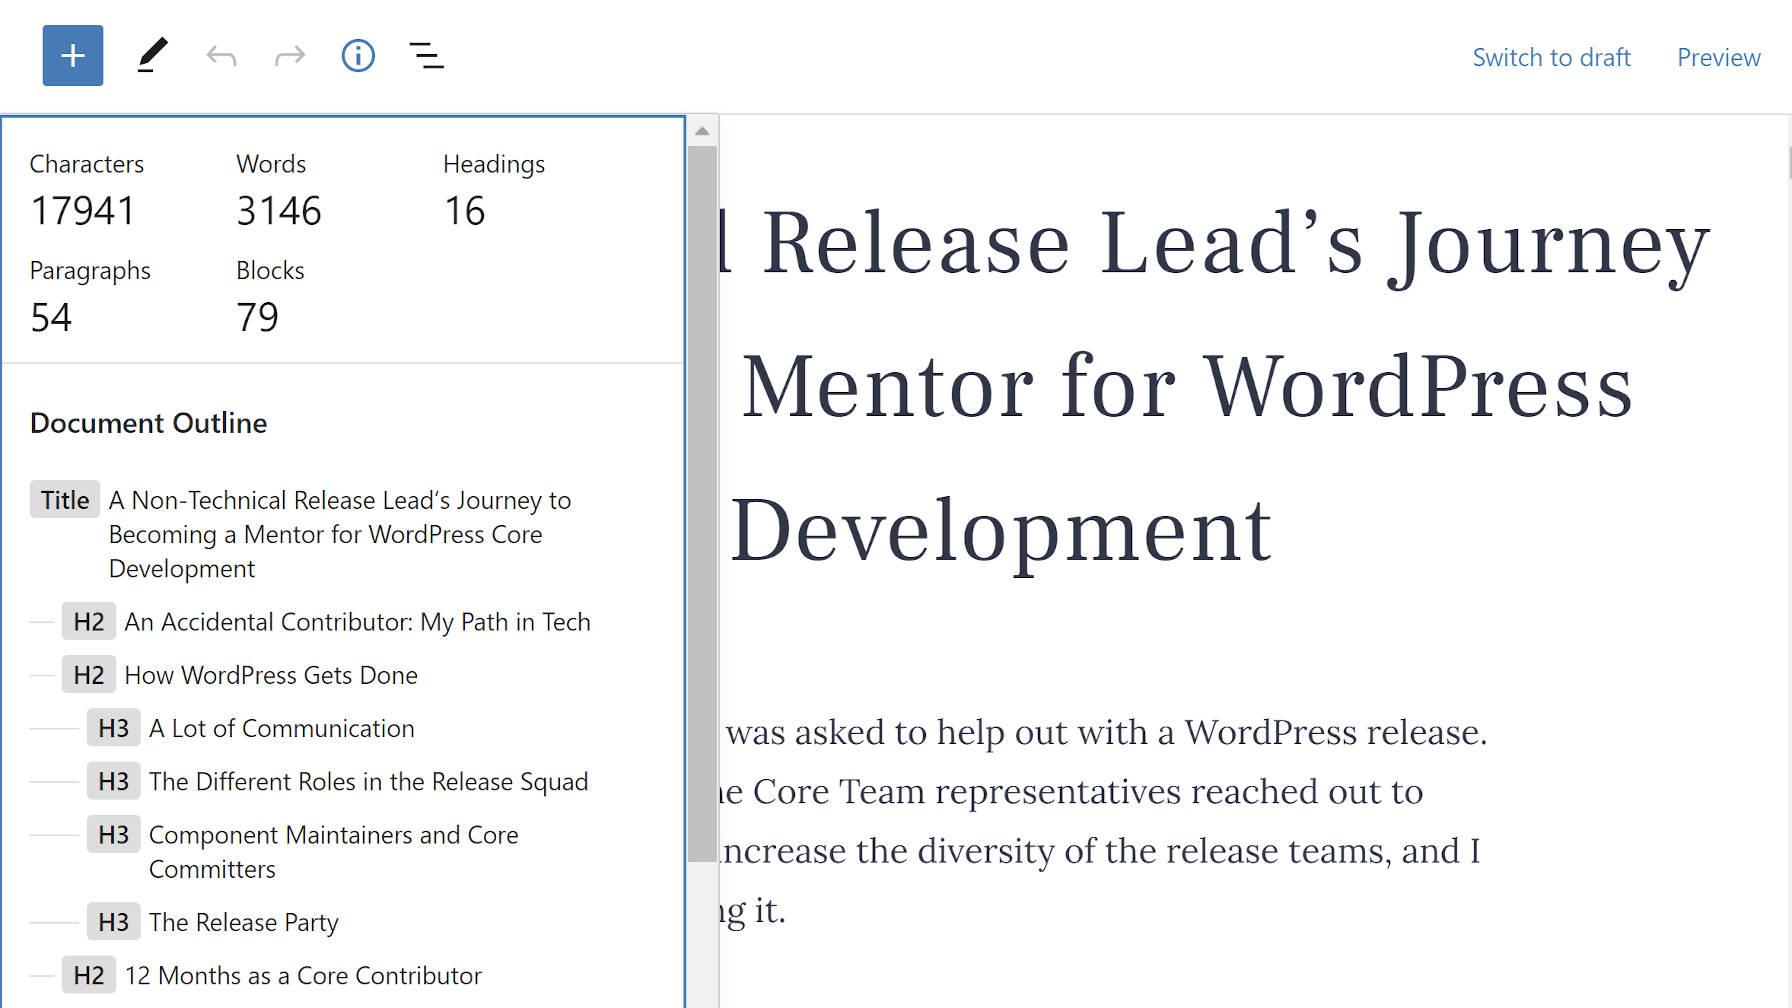 Liste déroulante des détails dans l'éditeur de blocs WordPress.